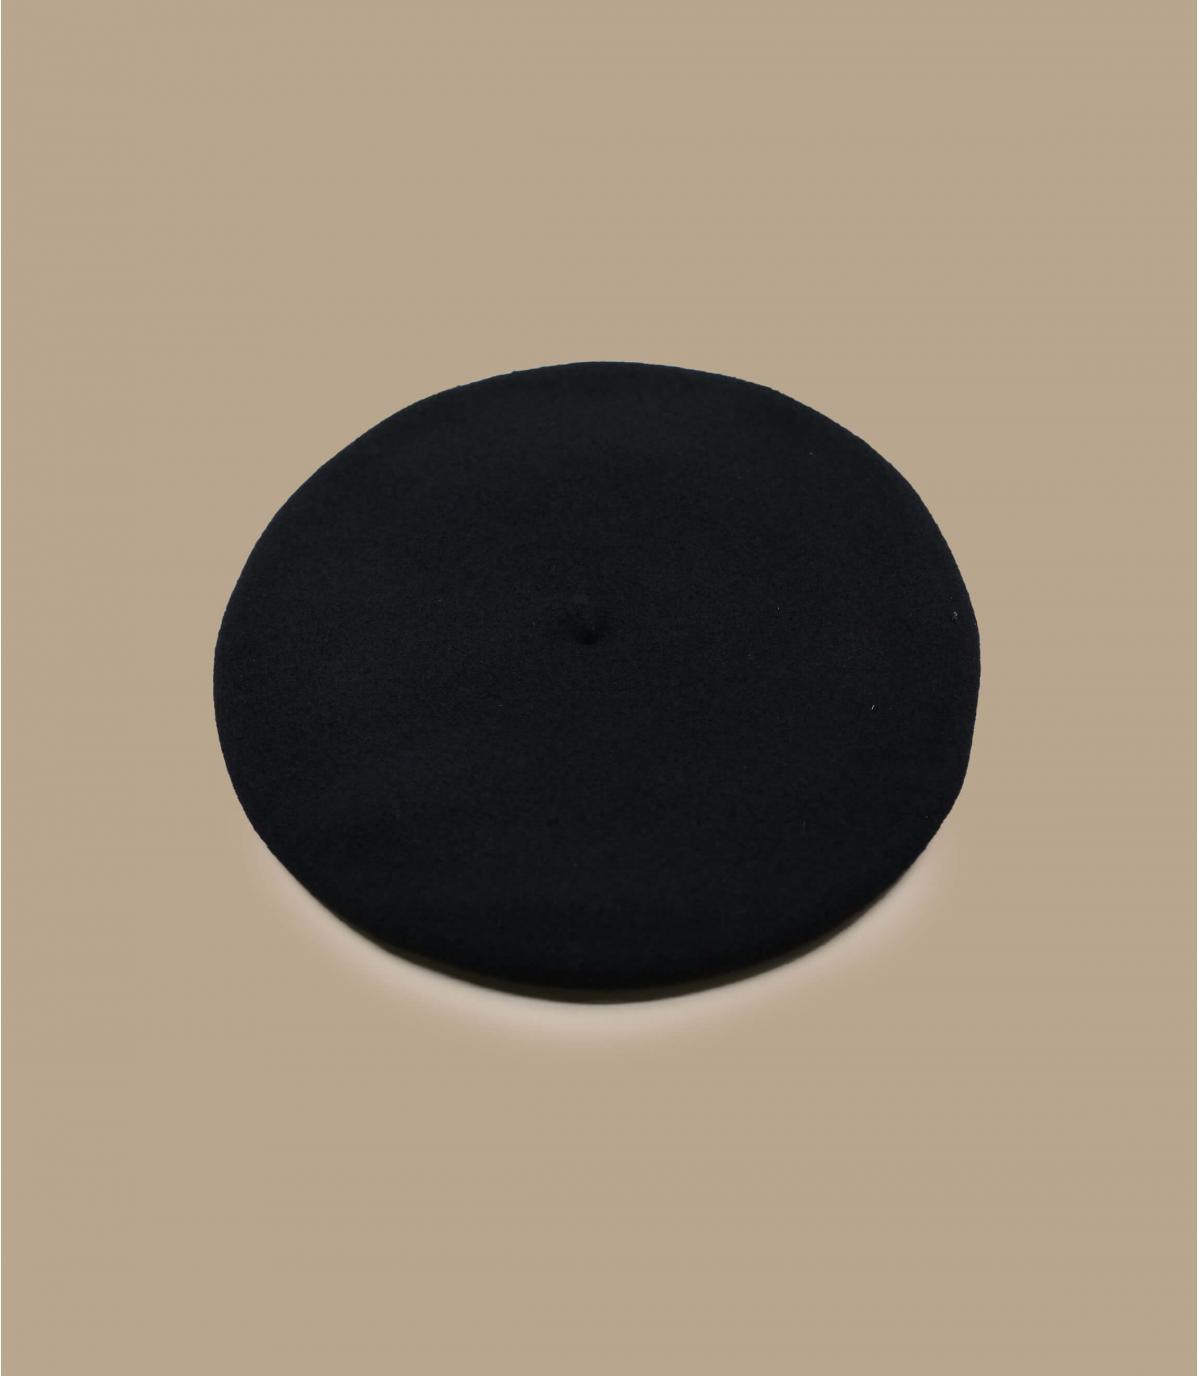 d56dd4f11b7ce Béret traditionnel français homme - L'authentique beret basque noir ...